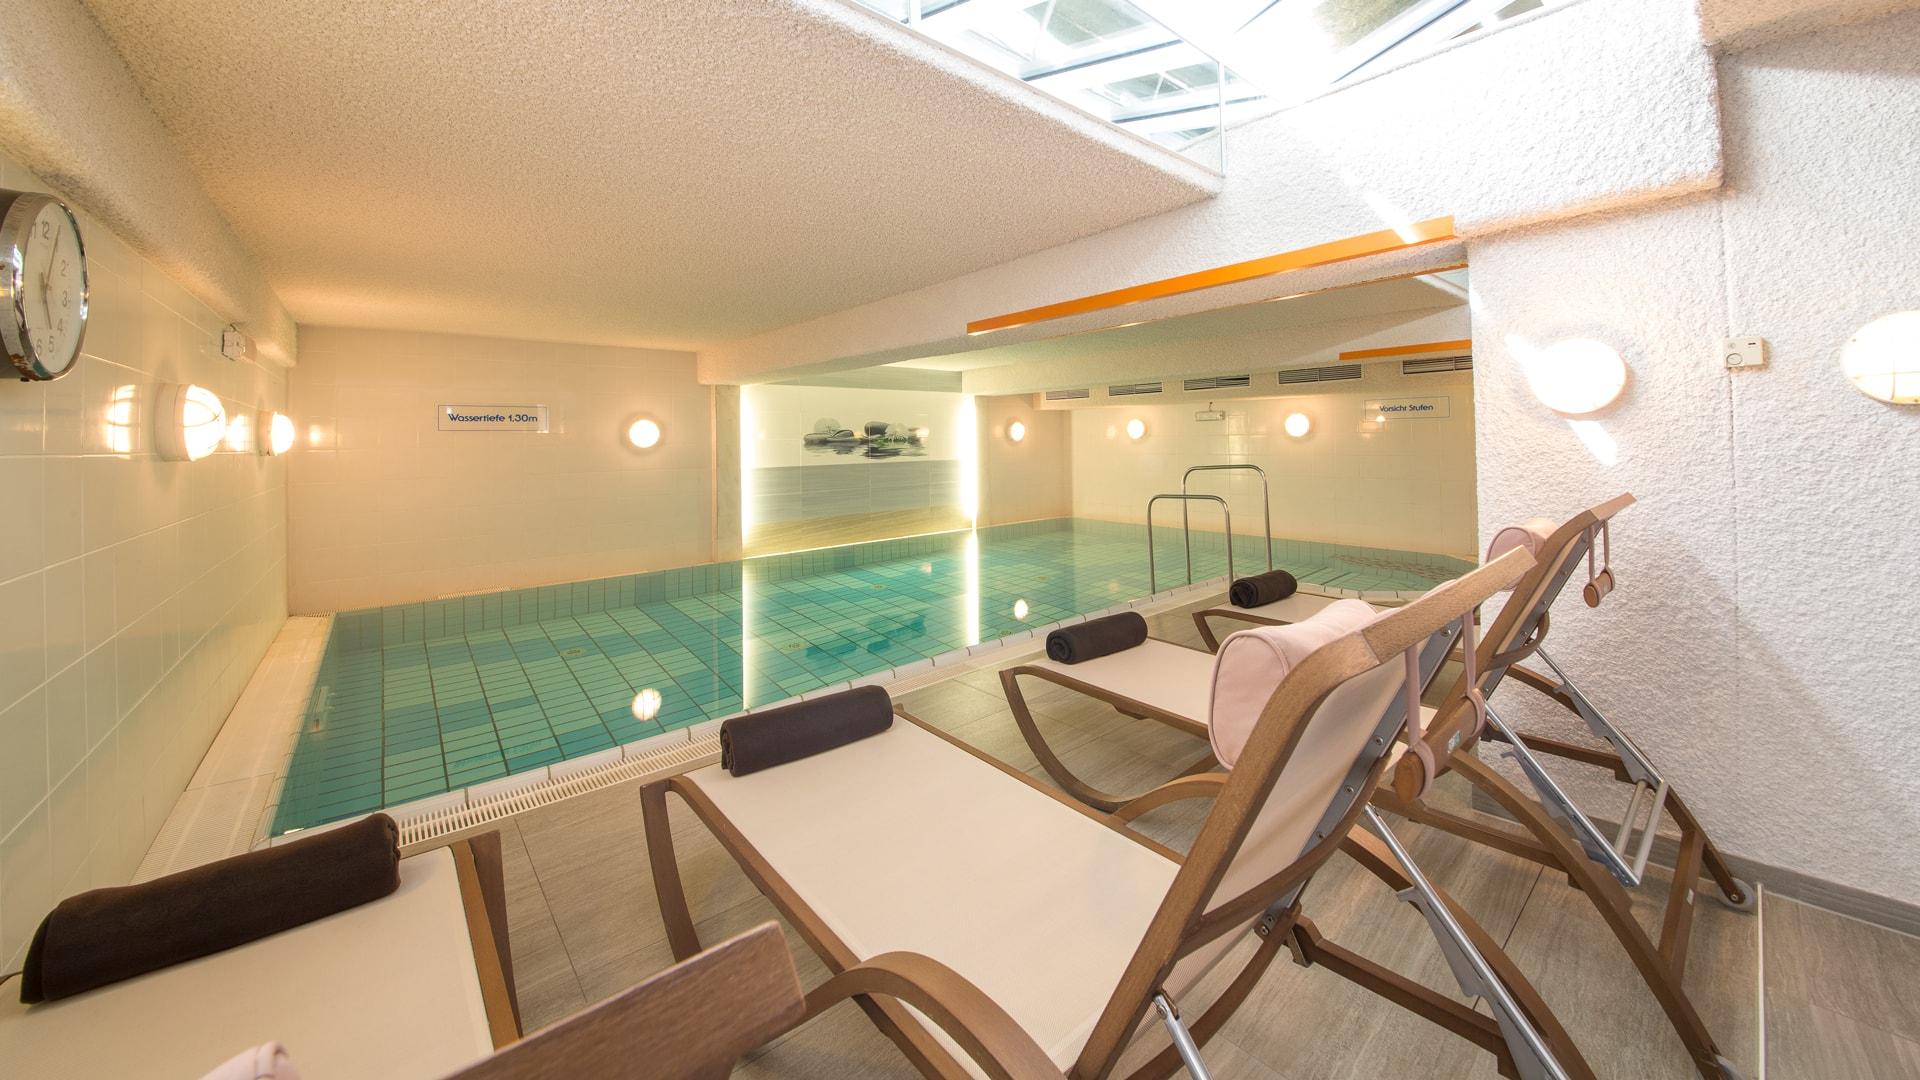 38 Michels_Hotels_Inselhotel_Vier_Jahreszeiten_Wellnessbereich_Pool